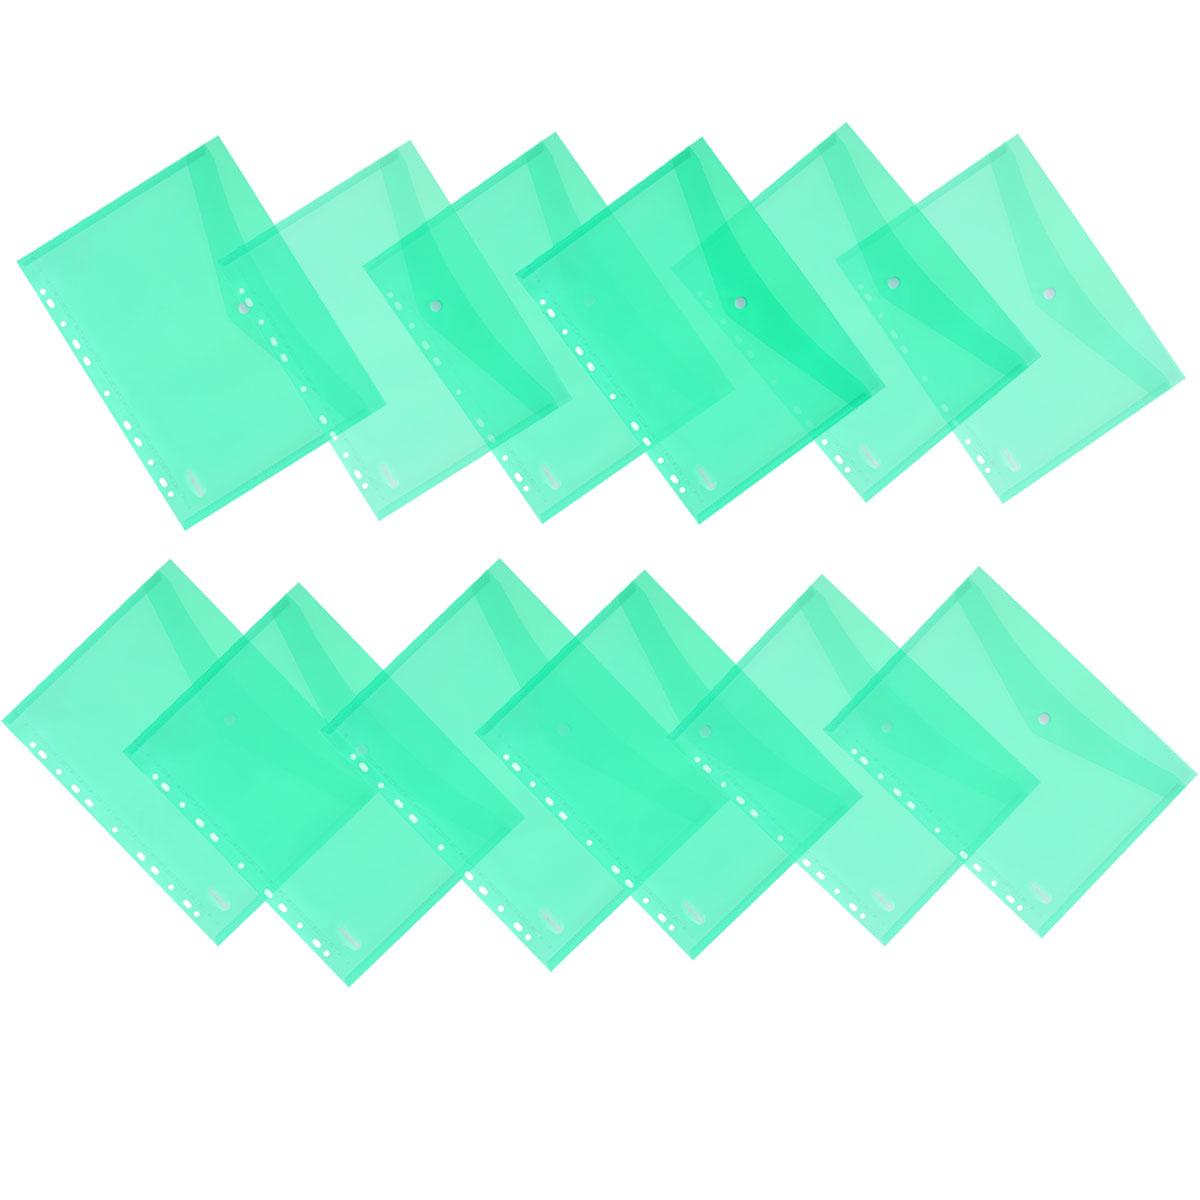 Папка-конверт на кнопке Centrum, горизонтальная, с перфорацией, цвет: зеленый. Формат А4, 12 шт80631_зеленыйПапка-конверт Centrum - это удобный и функциональный офисный инструмент, предназначенный для хранения и транспортировки рабочих бумаг и документов формата А4. Папка изготовлена из полупрозрачного глянцевого пластика, имеет перфорацию. Закрывается на практичную крышку с кнопкой. В комплект входят 12 папок формата A4. Папка-конверт - это незаменимый атрибут для студента, школьника, офисного работника. Такая папка надежно сохранит ваши документы и сбережет их от повреждений, пыли и влаги.